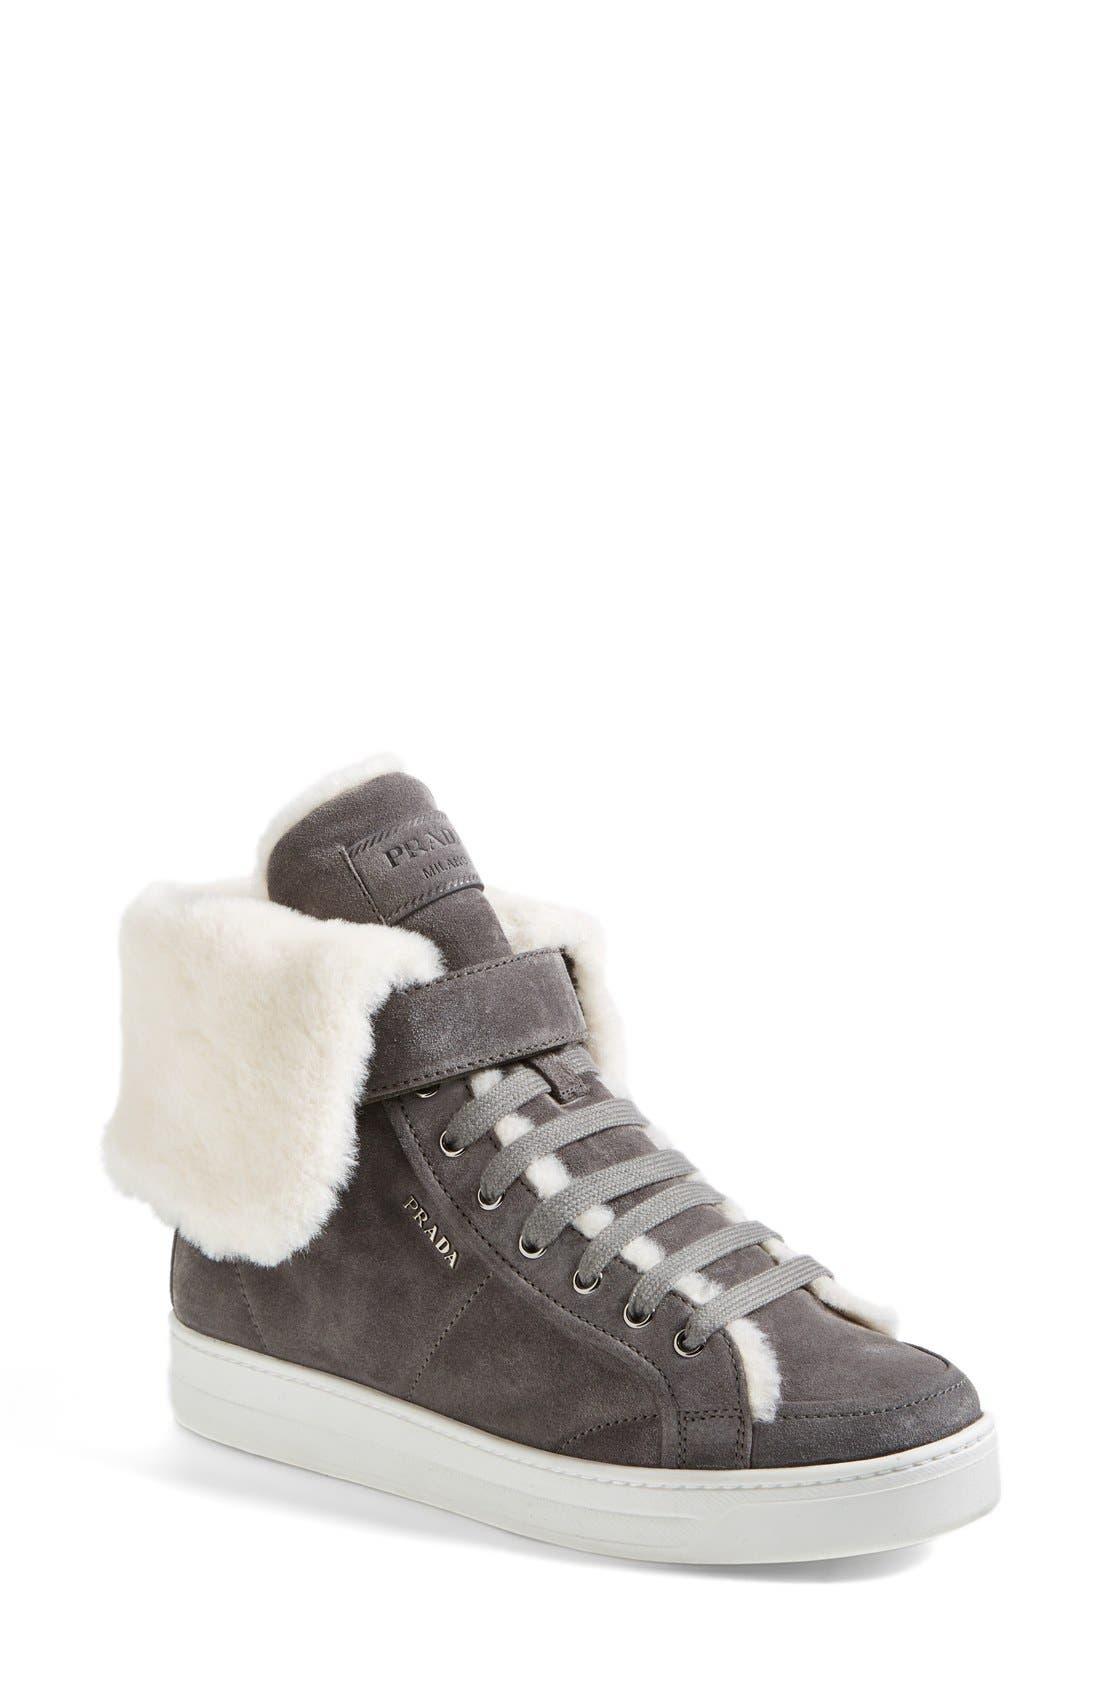 Alternate Image 1 Selected - Prada Faux Shearling Sneaker (Women)